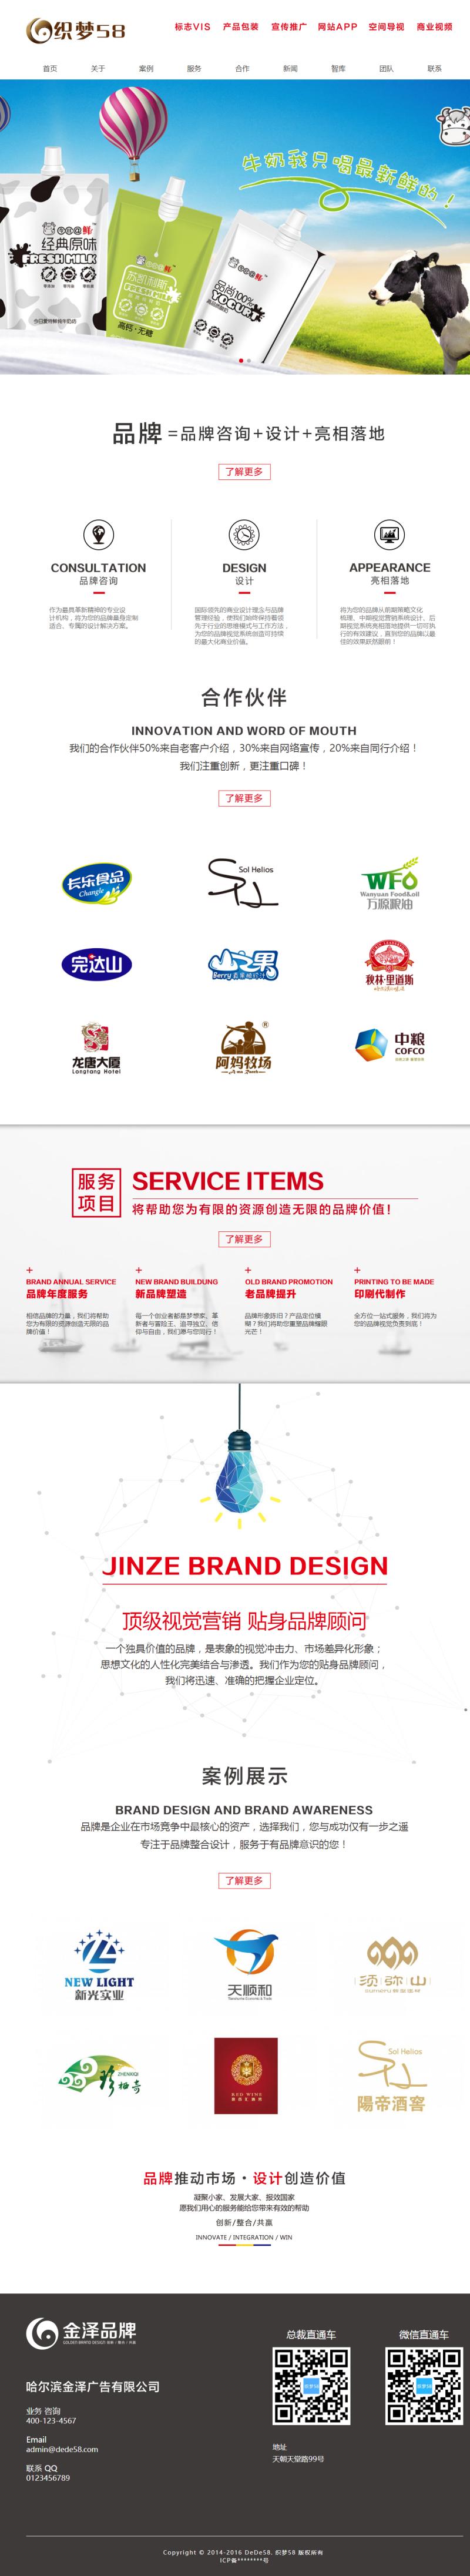 [织梦模板]产品品牌广告设计企业网站dedecms模板